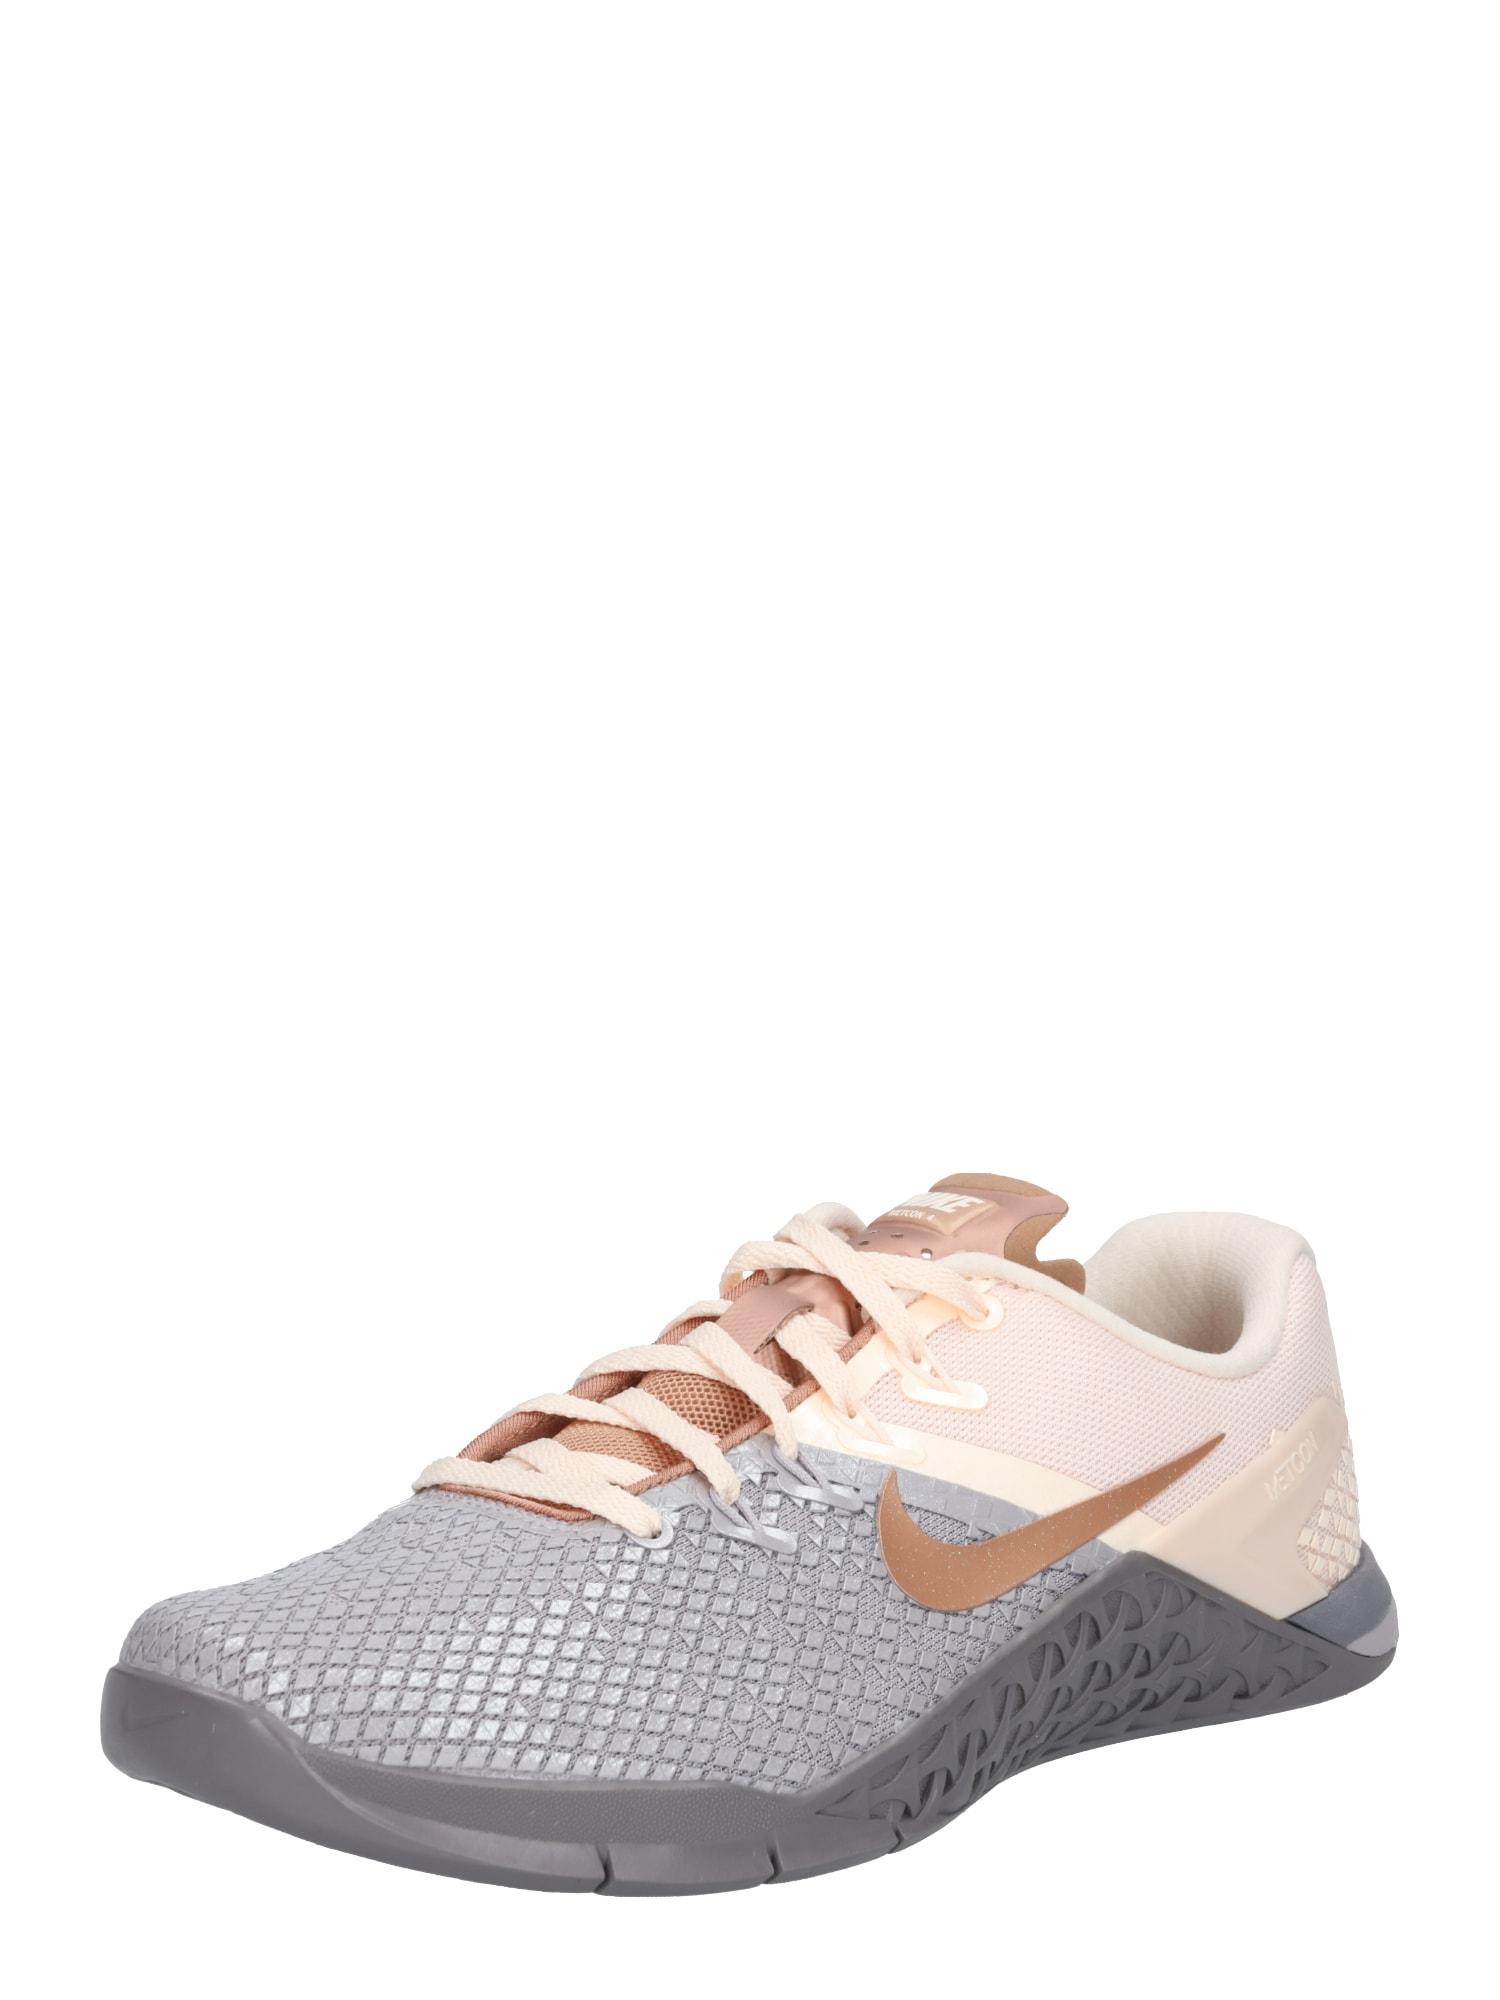 NIKE, Dames Sportschoen 'Nike Metcon 4 XD Metallic', beige / bruin / grijs